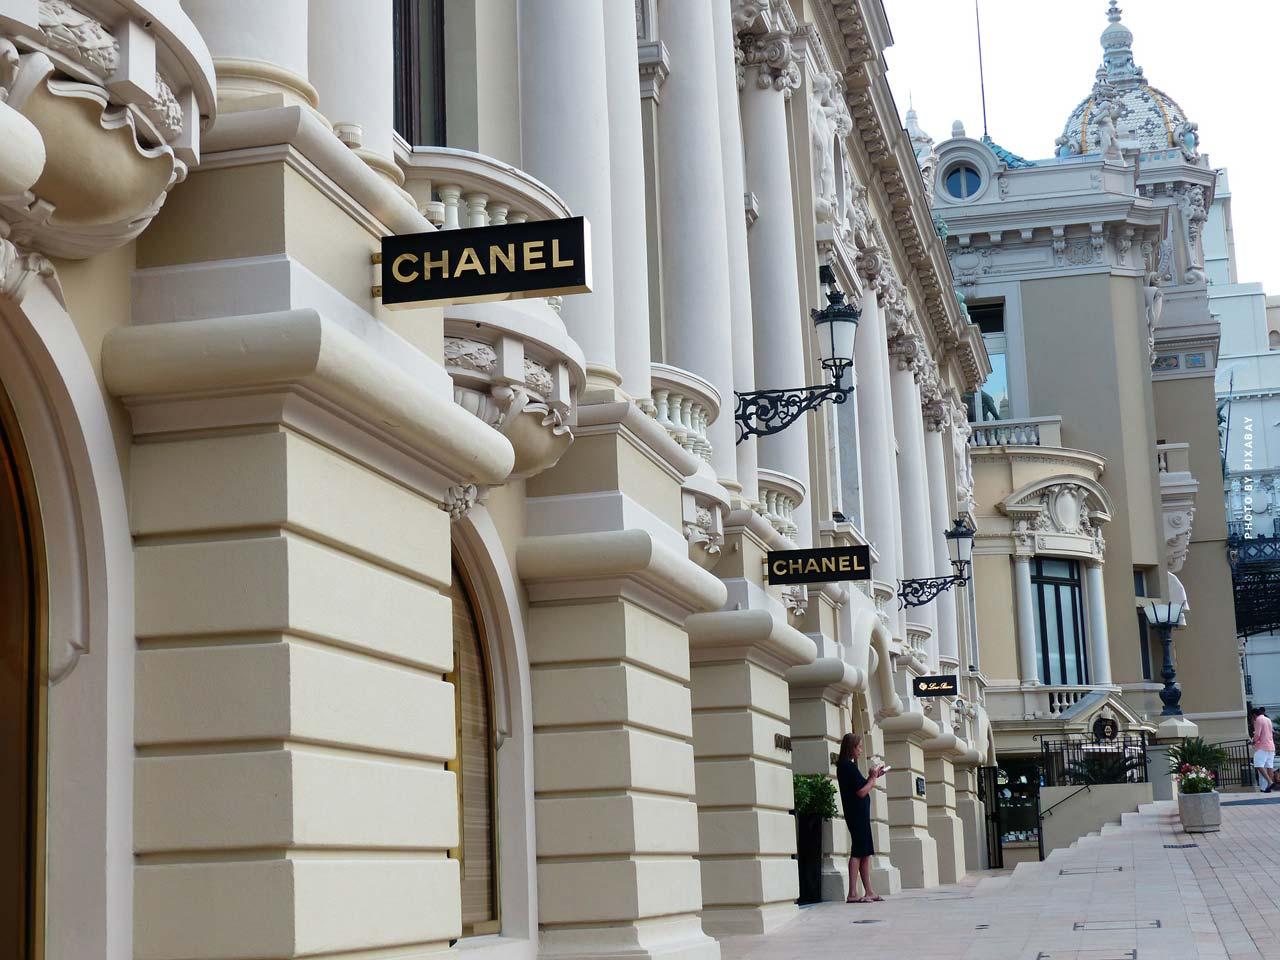 Chanel: N°5, bolso, cadena, gafas & más - Moda de Coco Chanel & Karl Lagerfeld